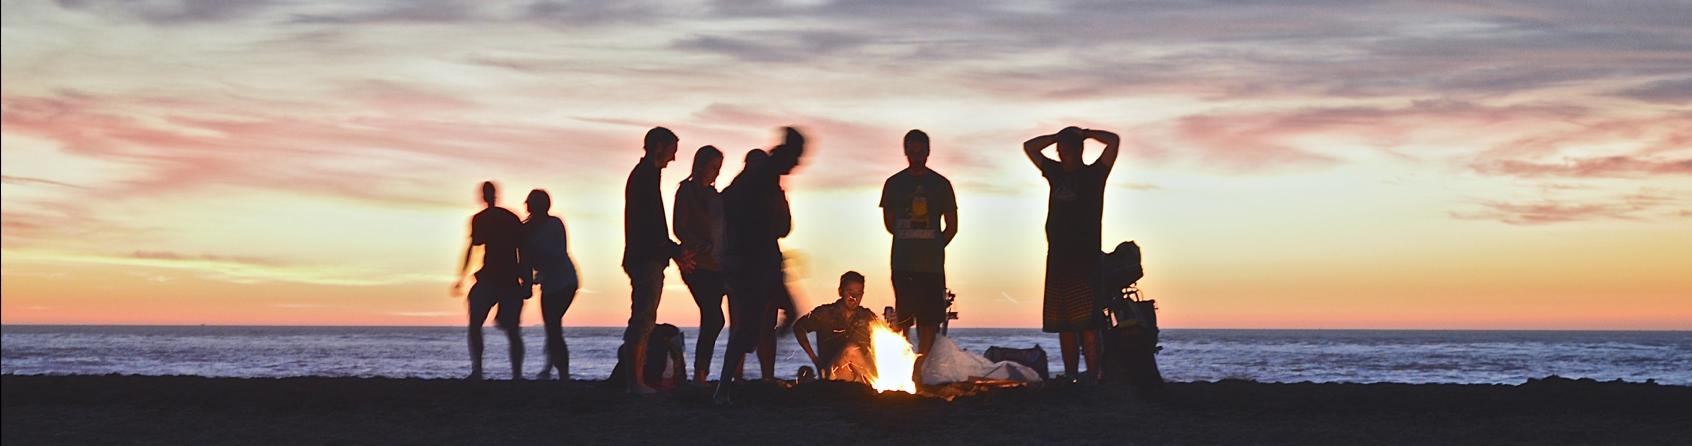 Environmental Gathering